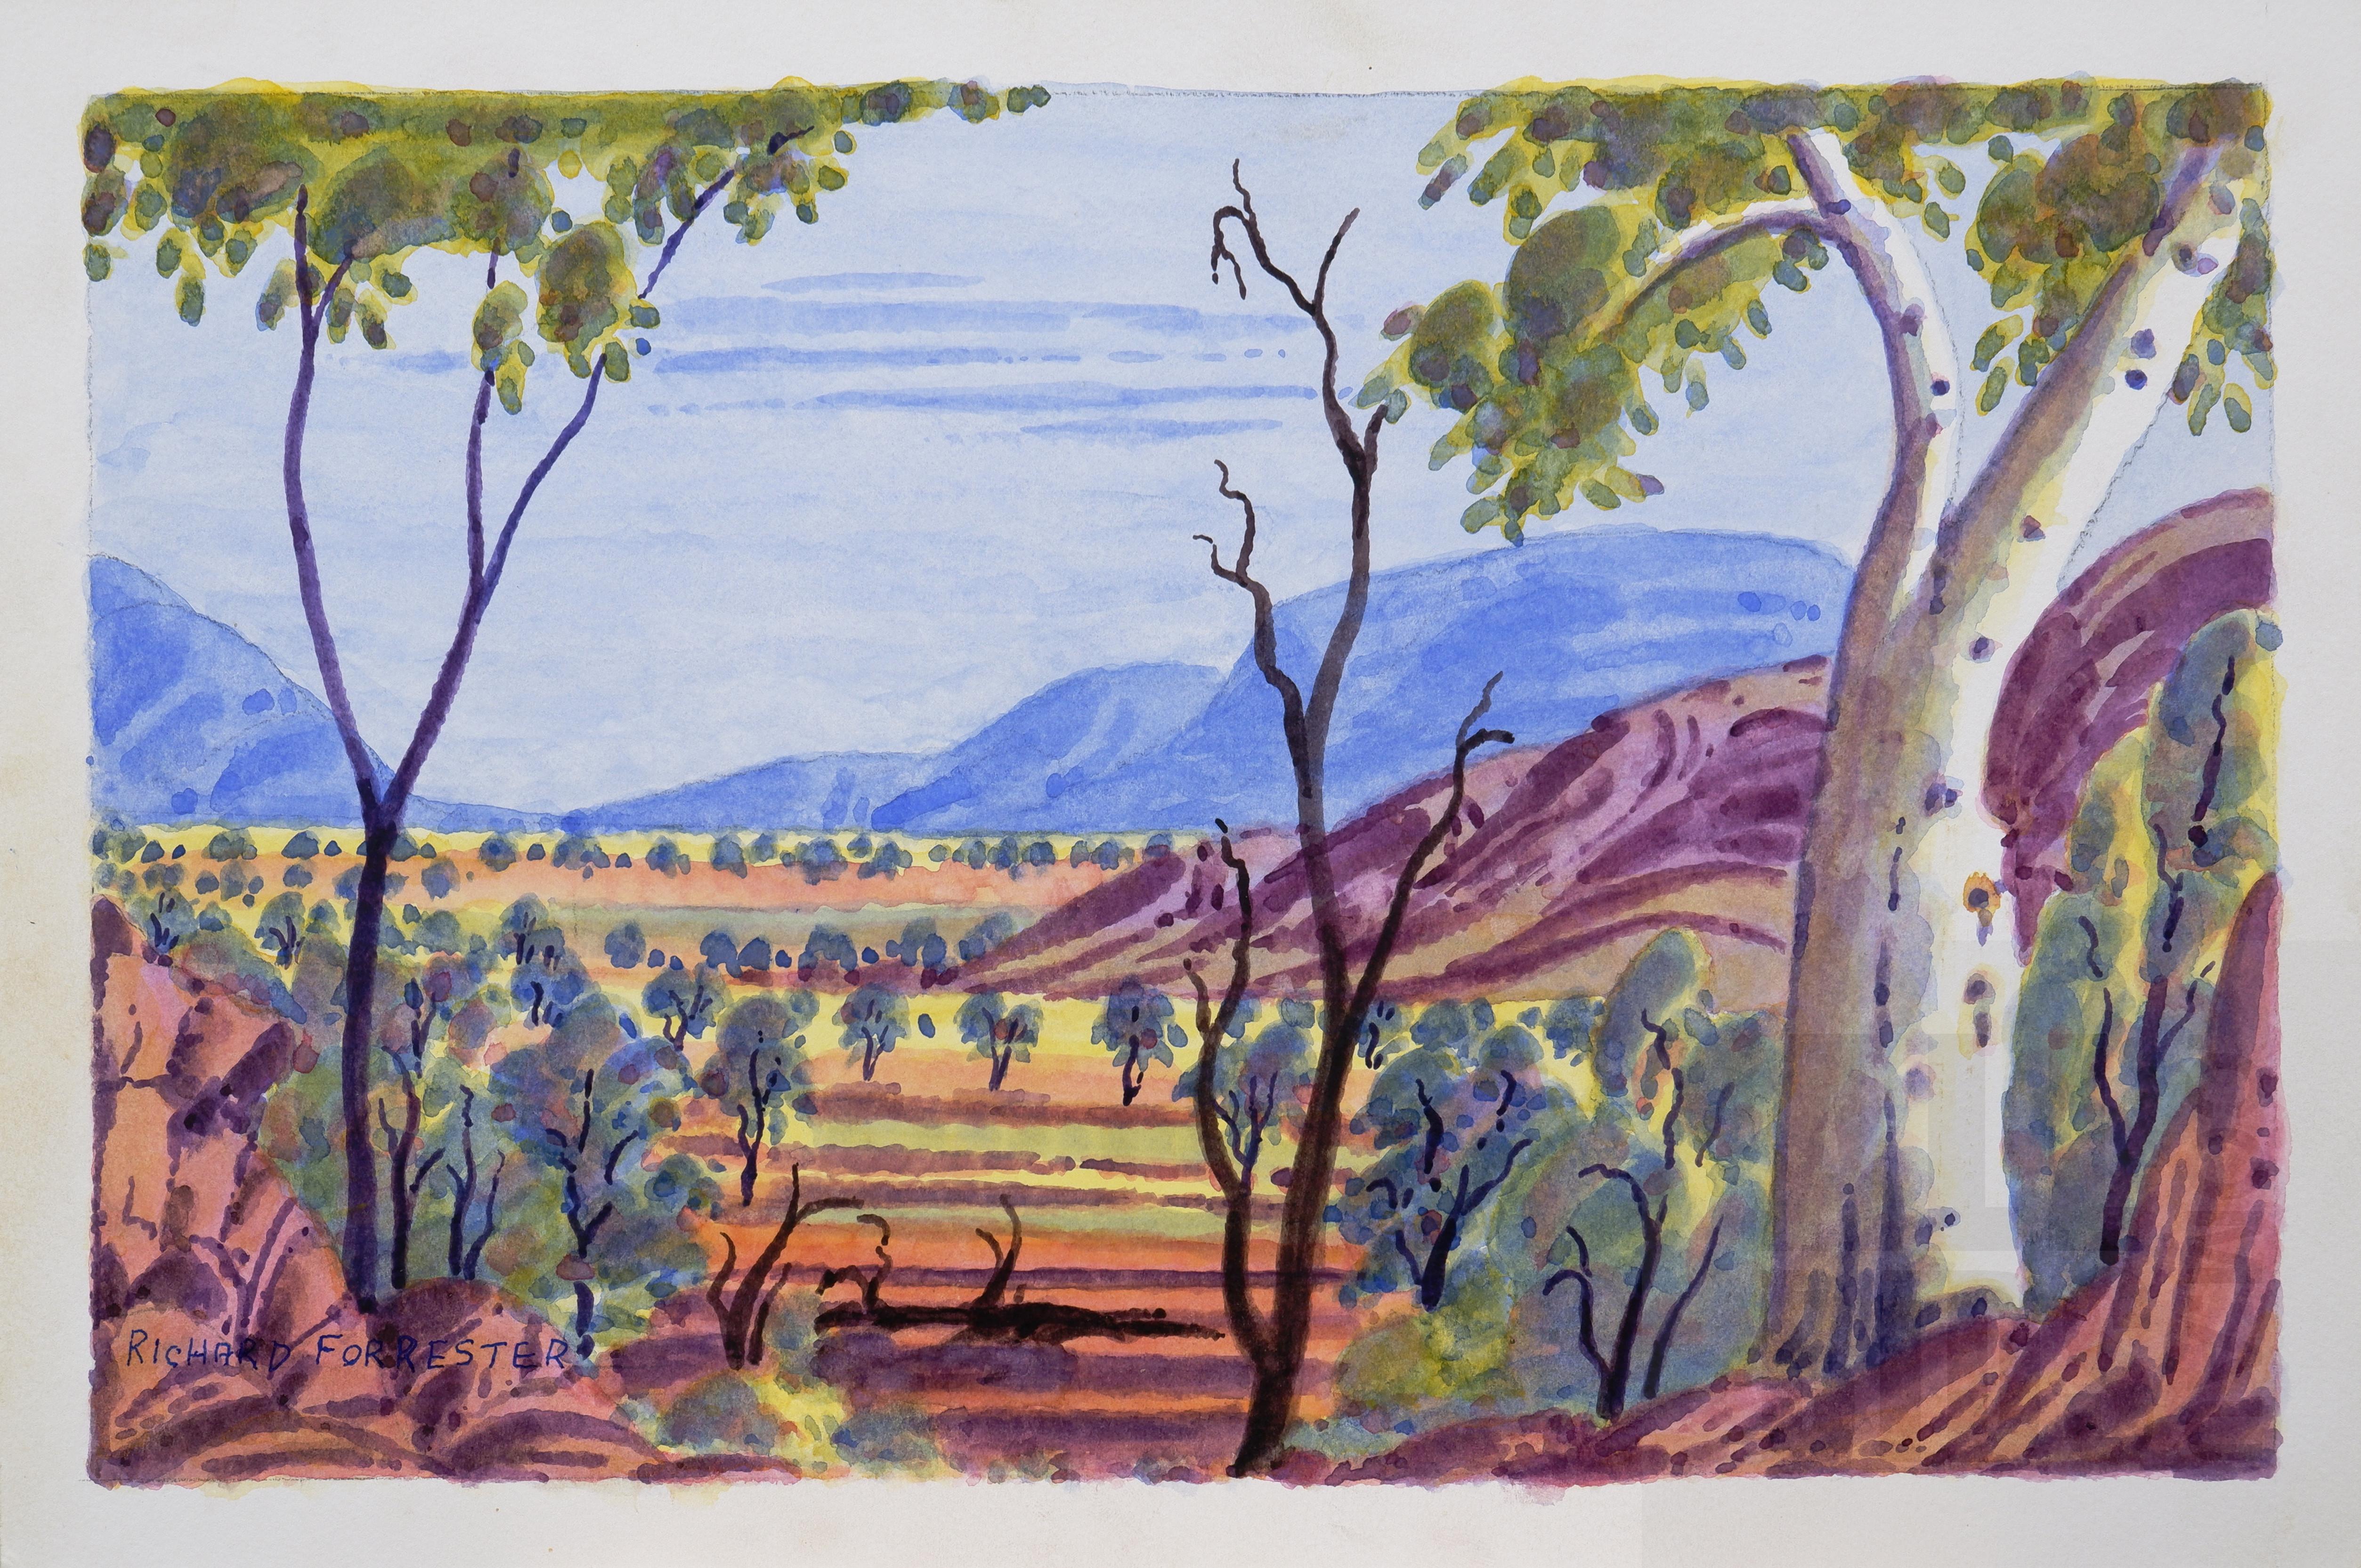 'Richard Forrester (Arrernte language group), Untitled (Central Australian Landscape), Watercolour, 25 x 38 cm'